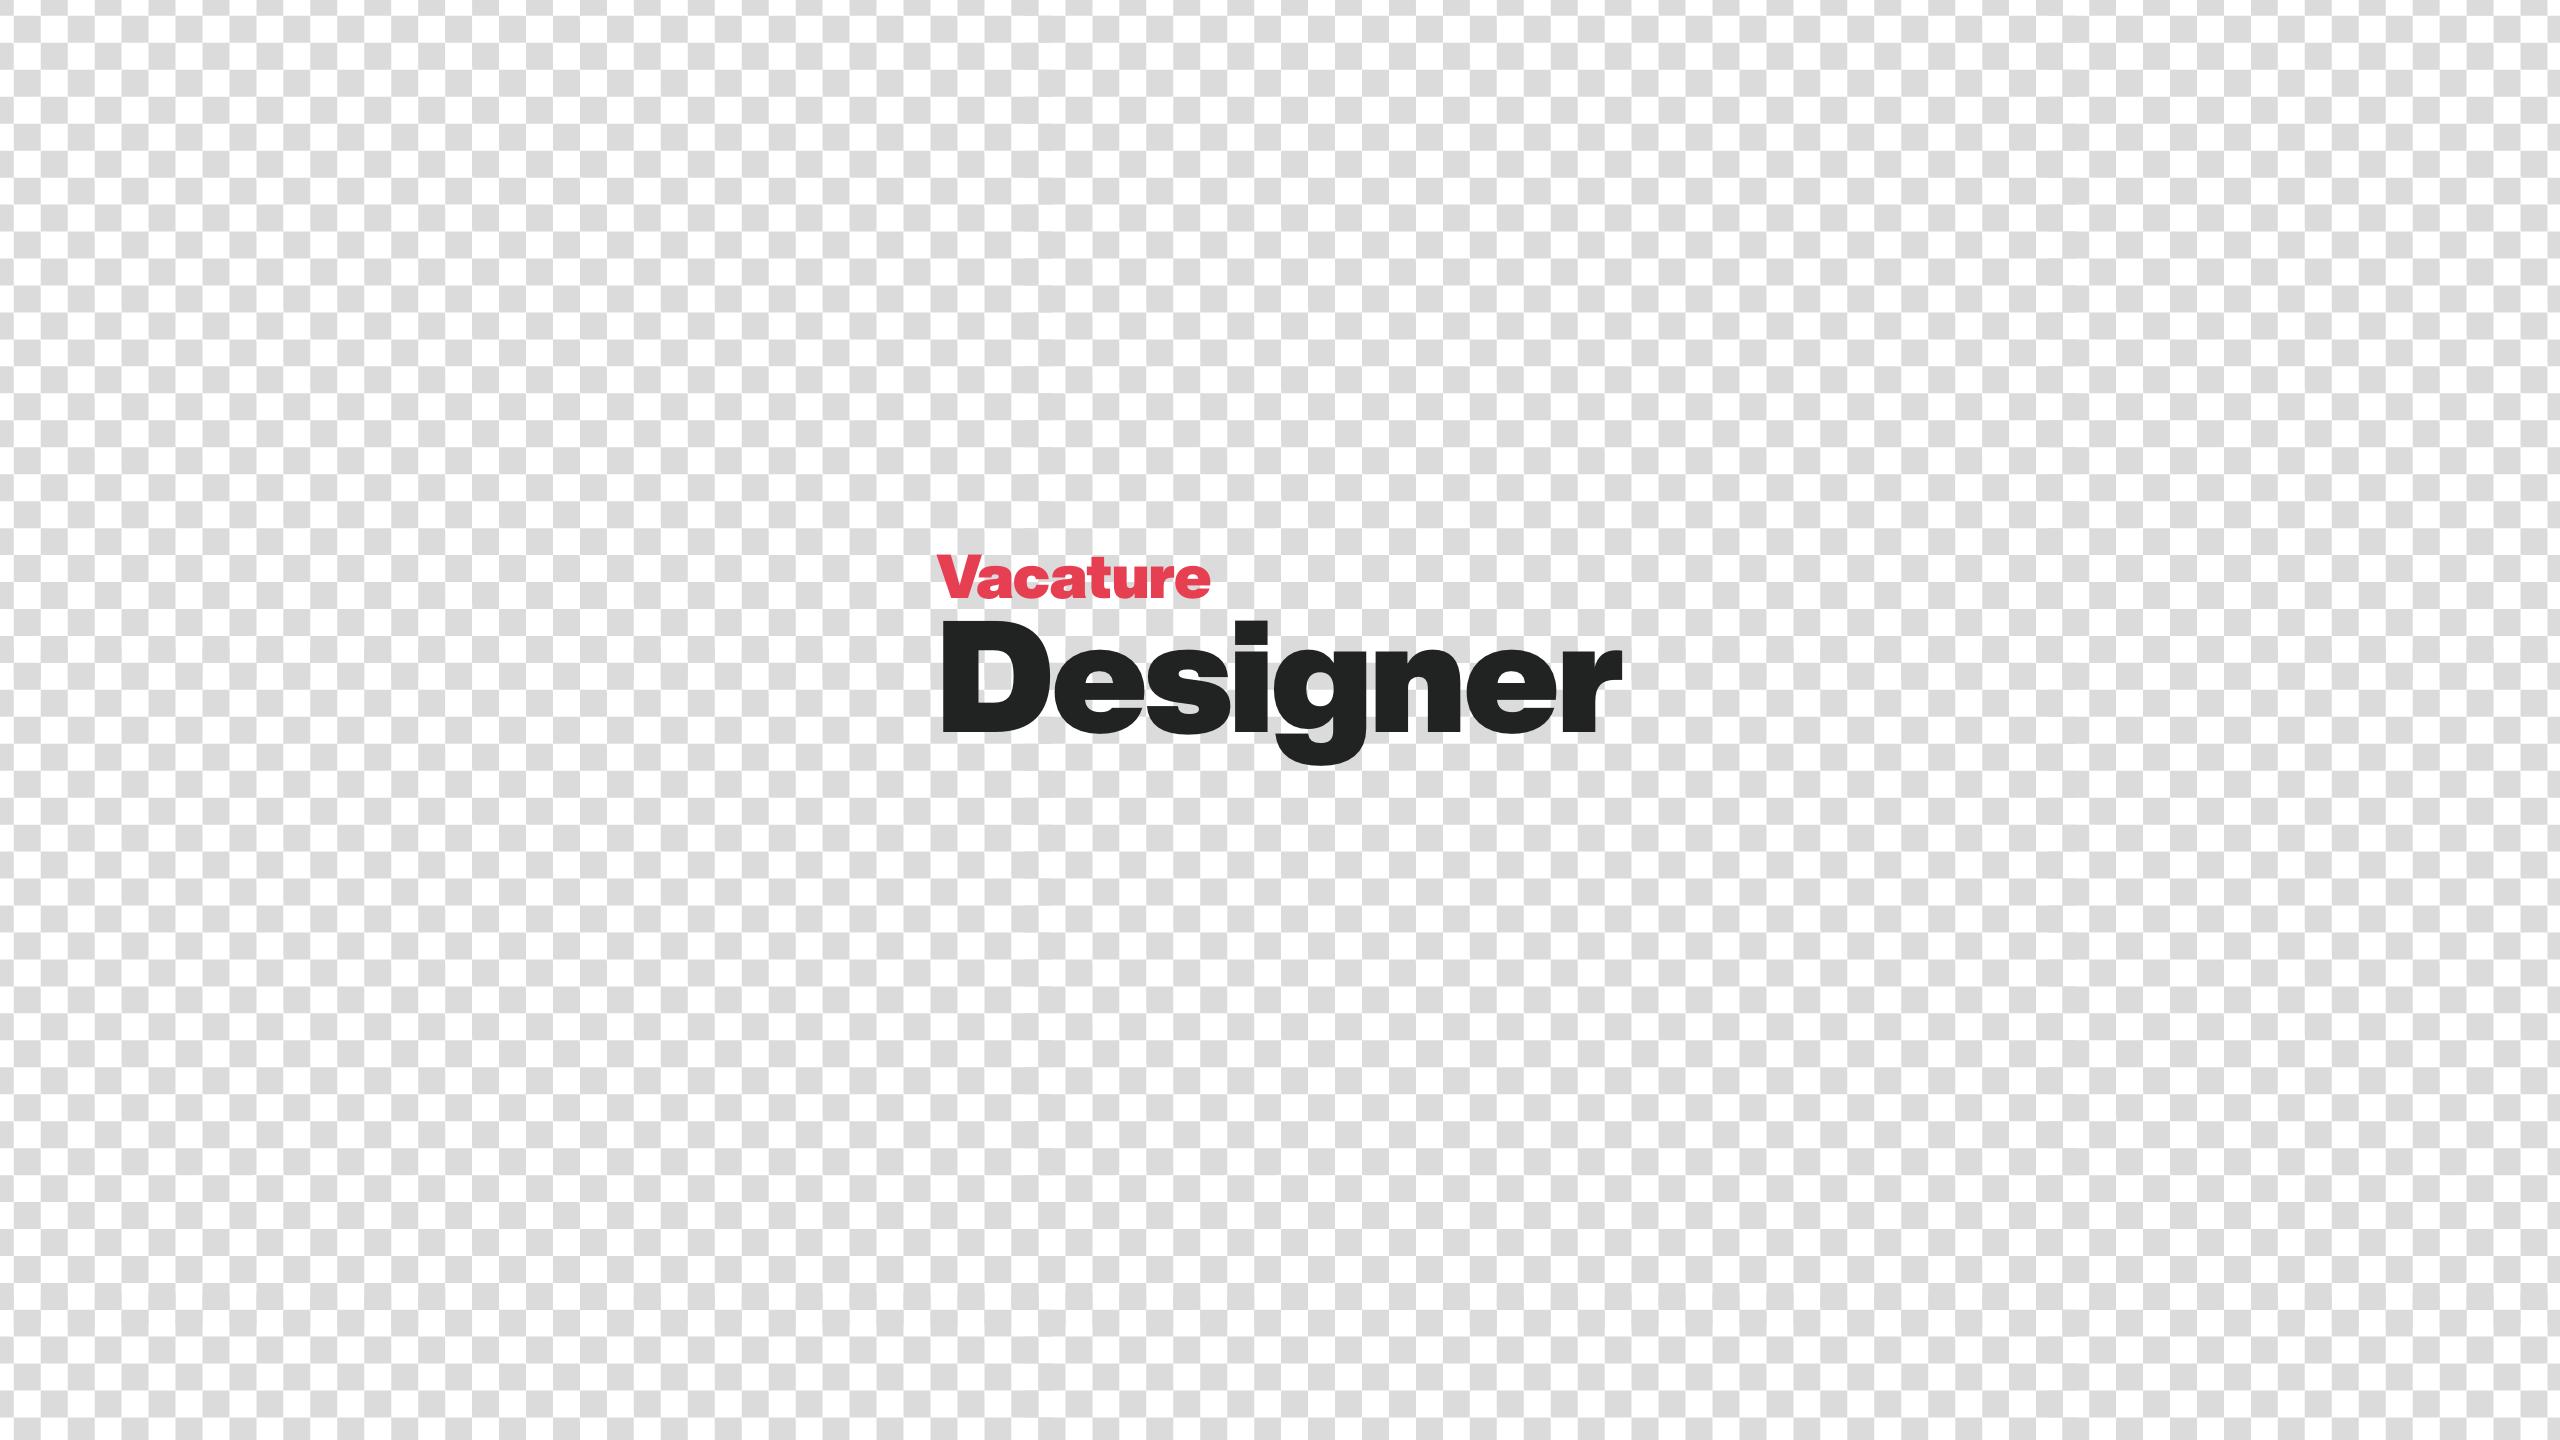 Coolbrand heeft een vacature voor een allround designer